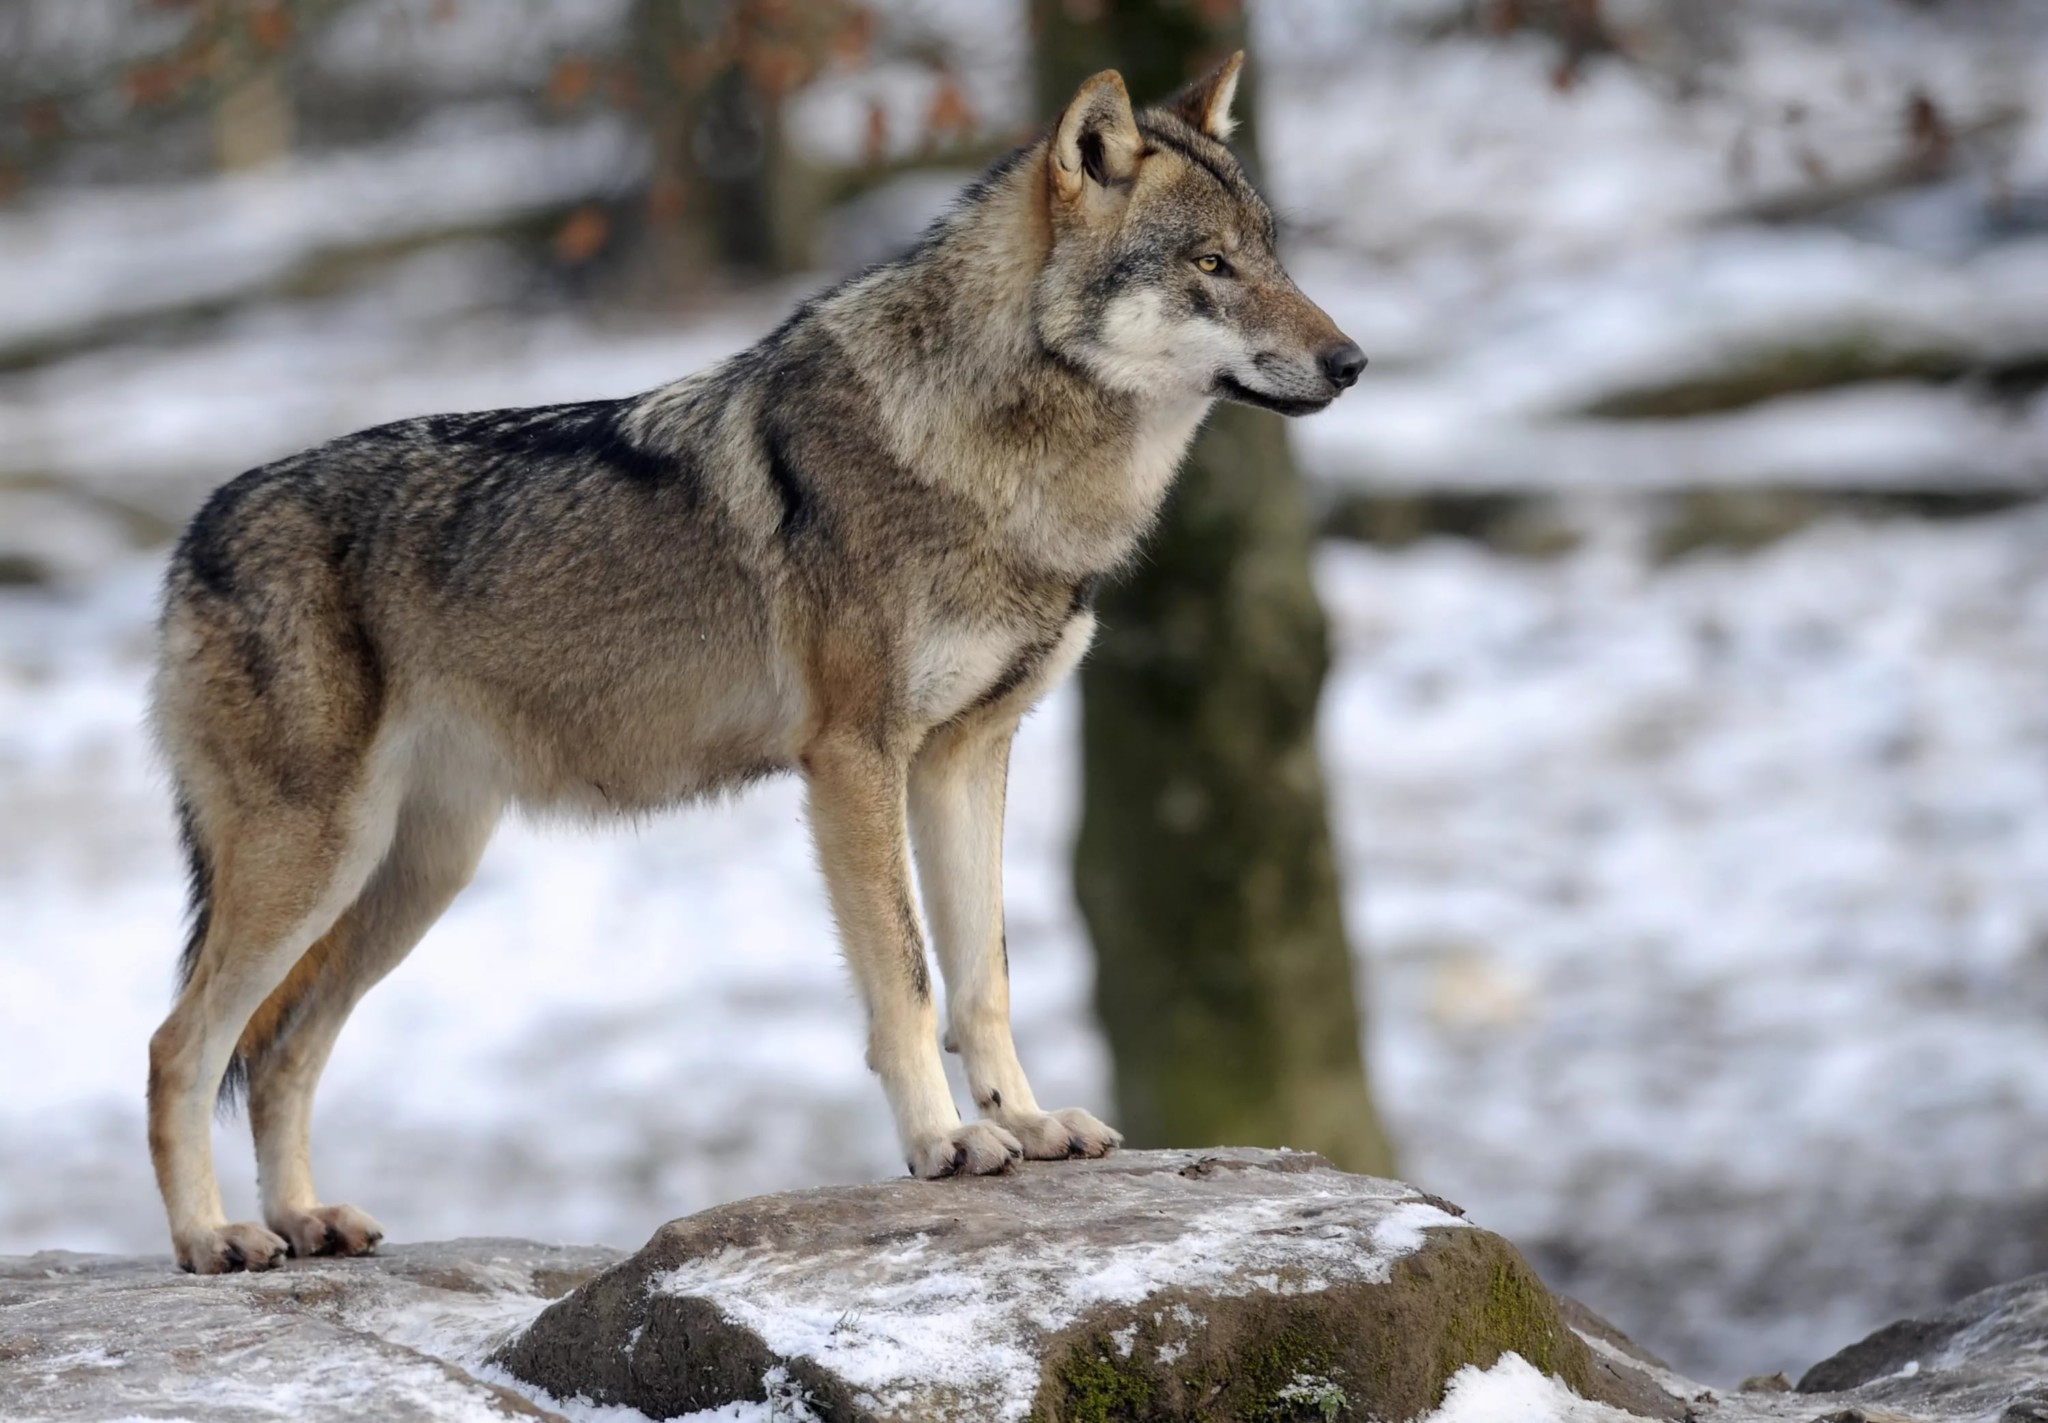 фото волка во весь рост картинки дамы демонстрируют сексуальные